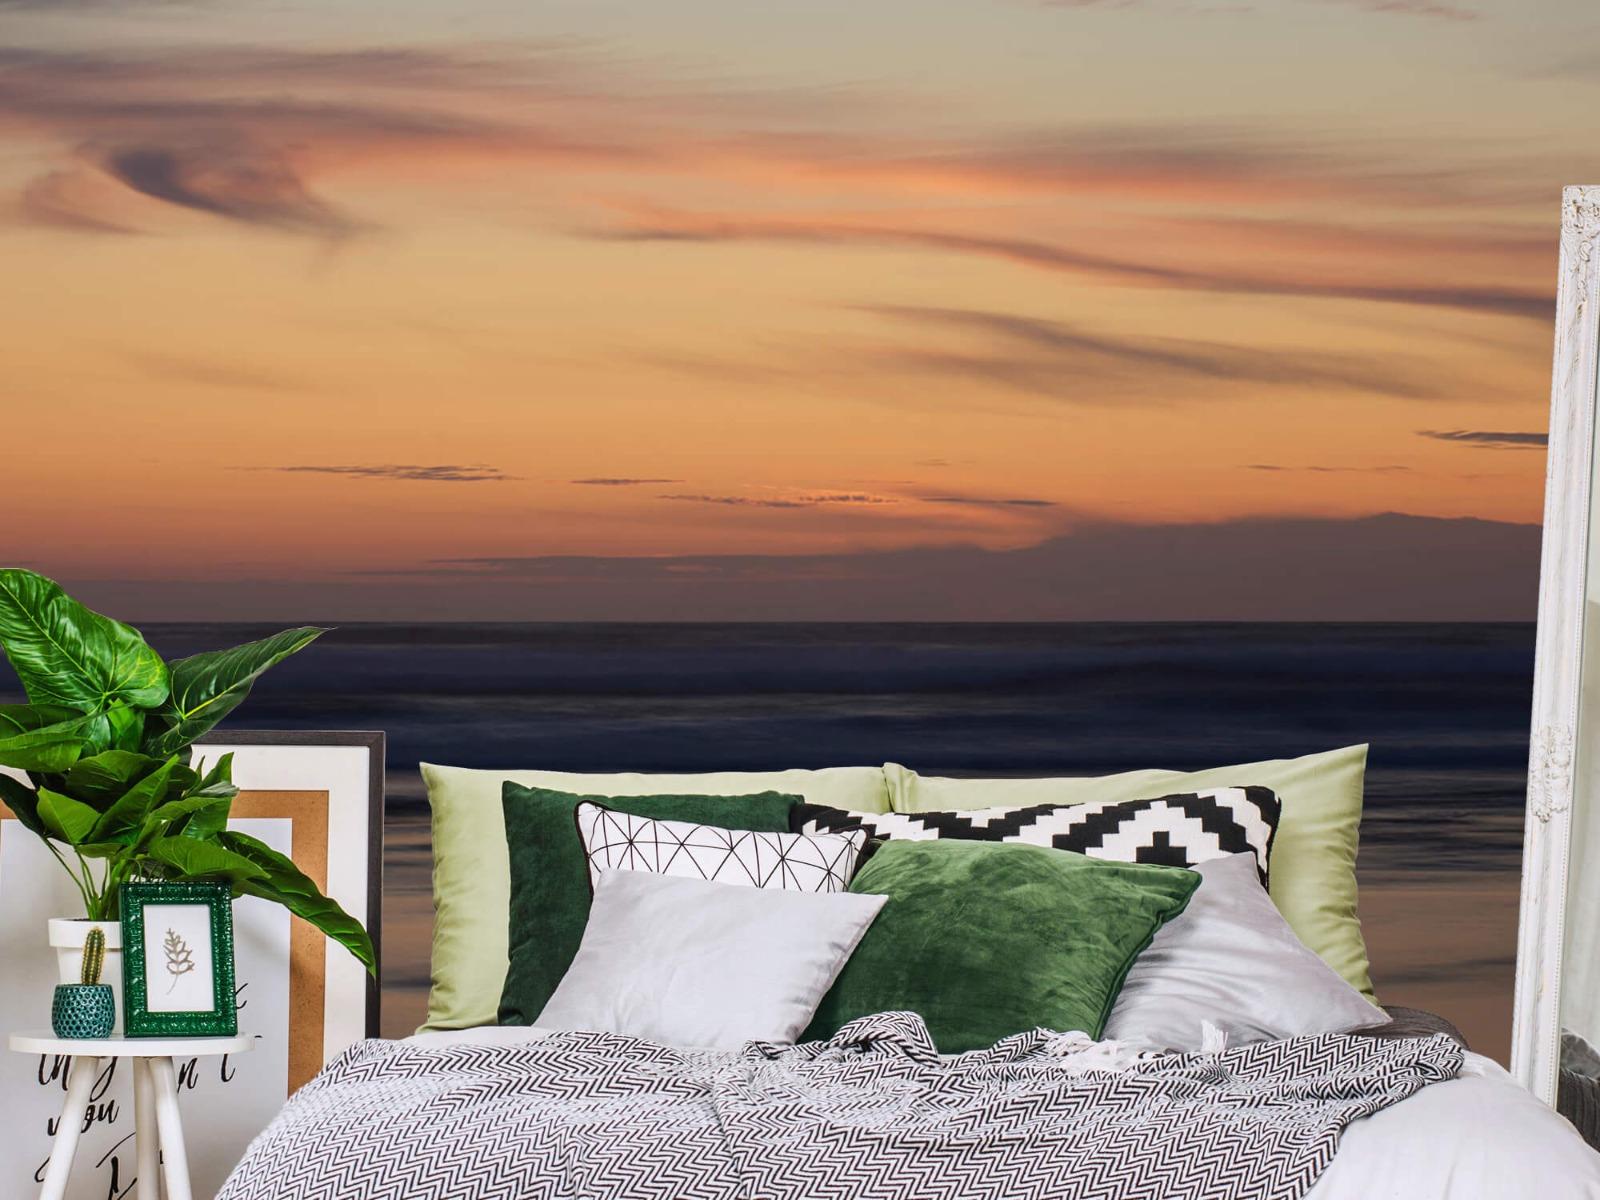 Zeeën en Oceanen - Zonsondergang aan de kust - Slaapkamer 12